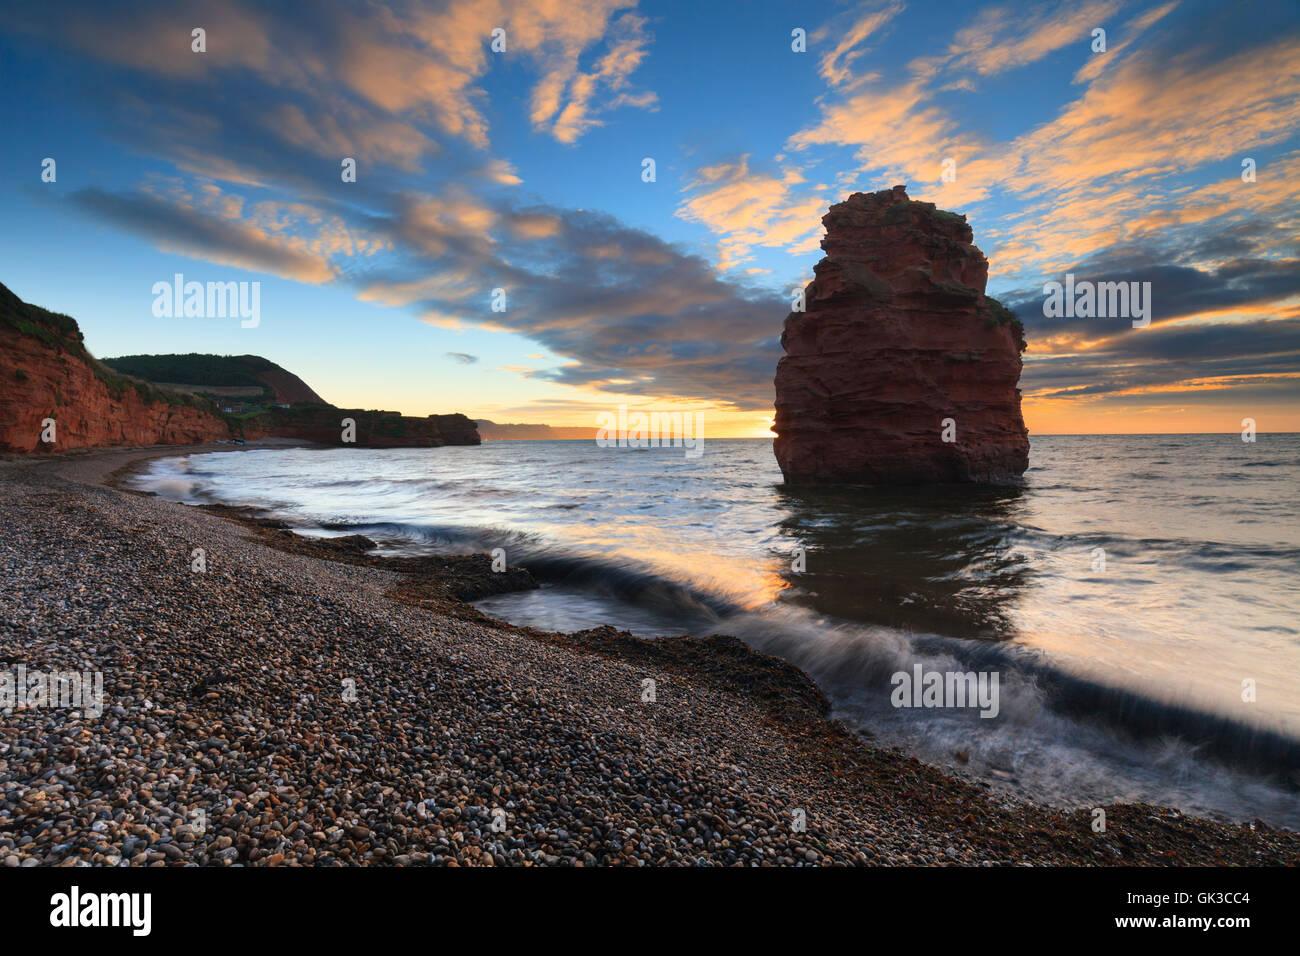 Une mer de grès à pile Ladram Bay, près de Sidmouth dans le sud-est du Devon. Photo Stock